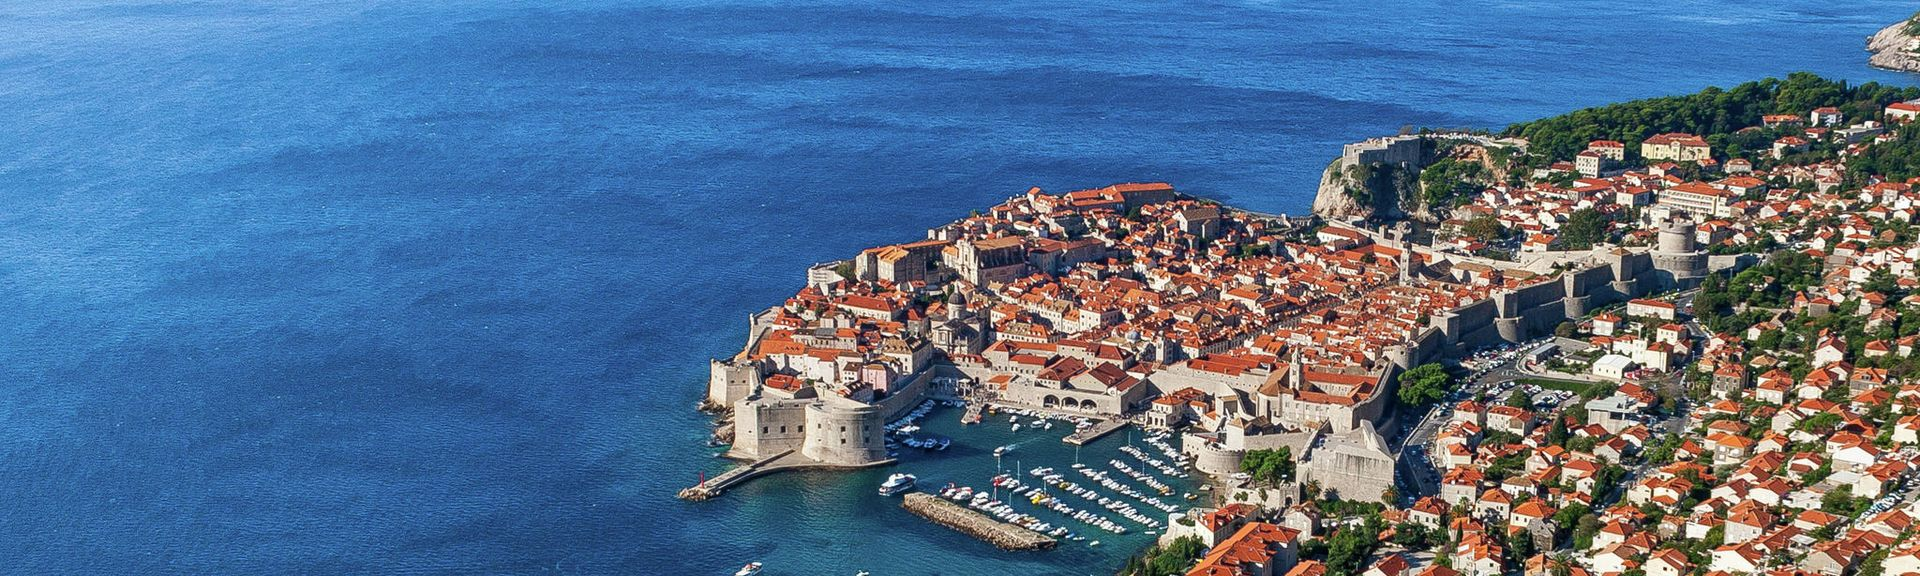 Močići, Dubrovnik-Neretva, HR